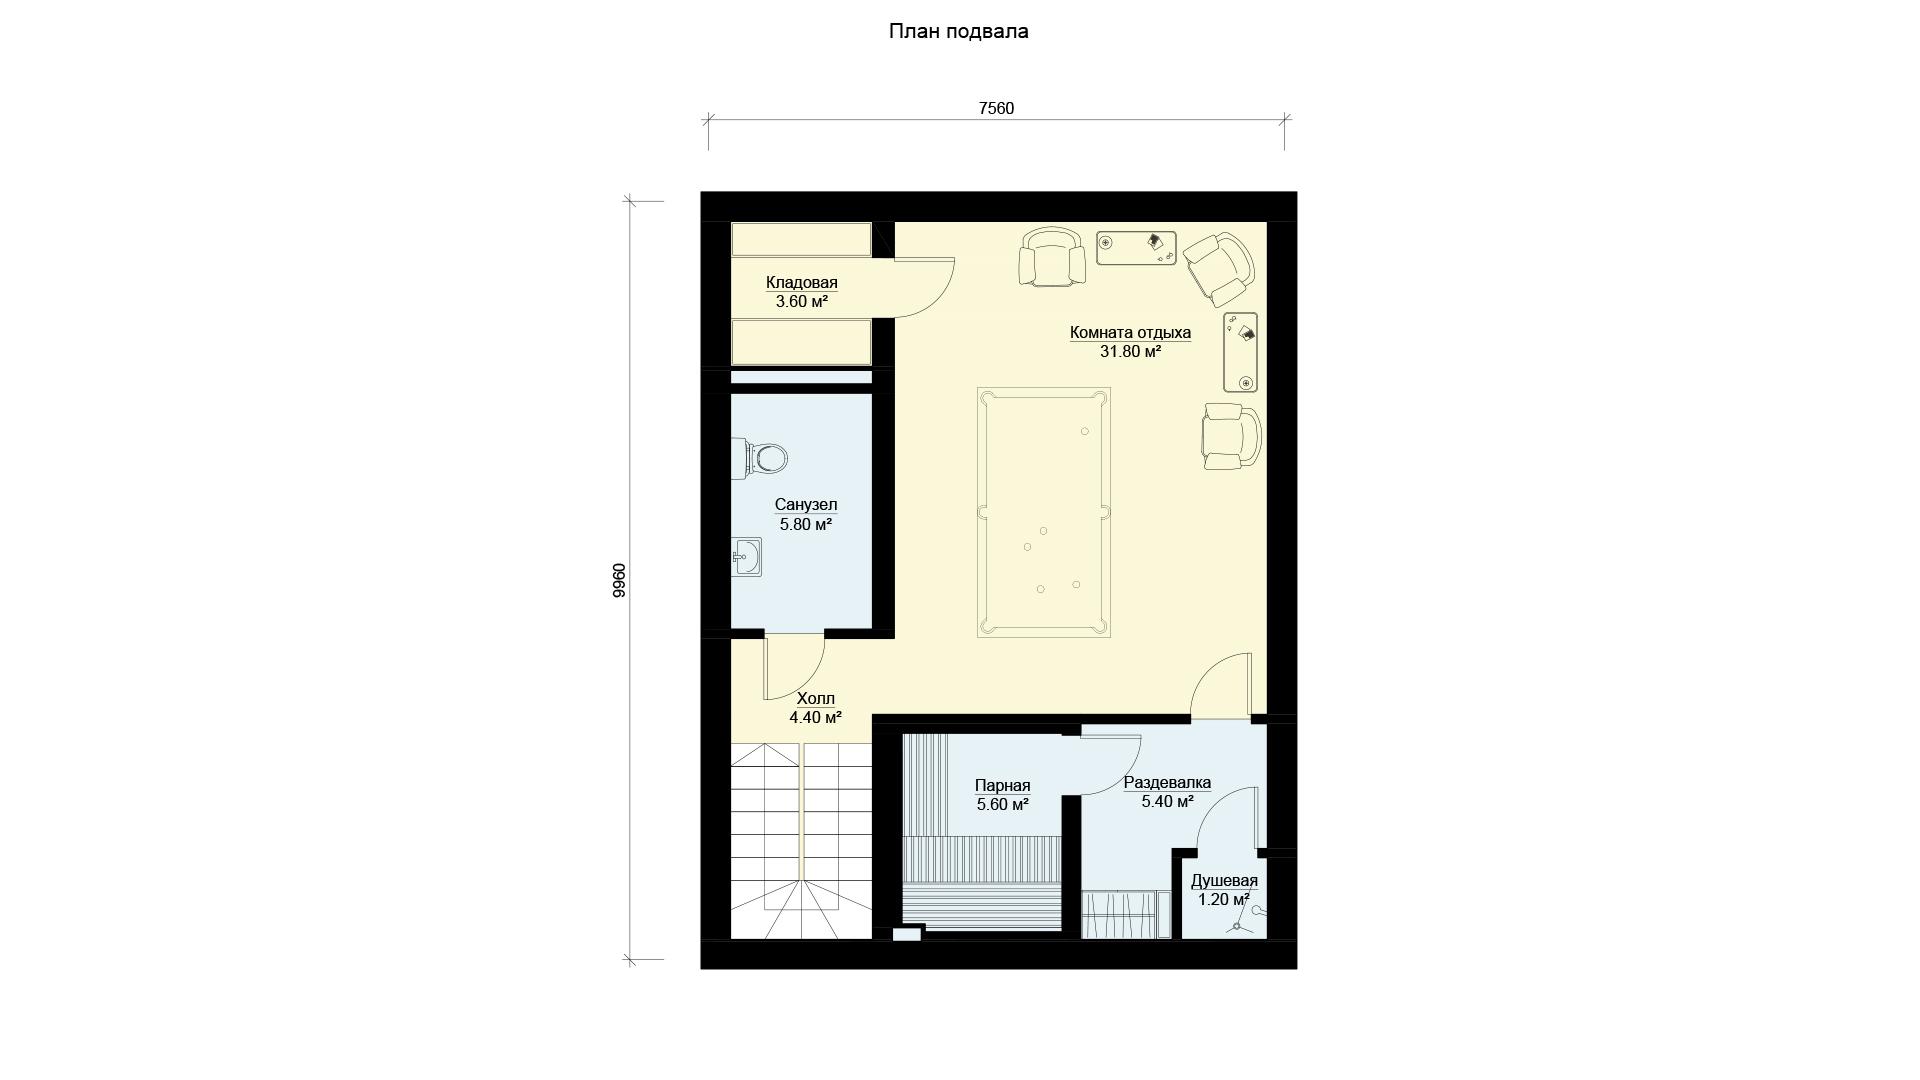 План цокольного этажа двухэтажного дома, проект БЭНПАН МС-164/1/К.